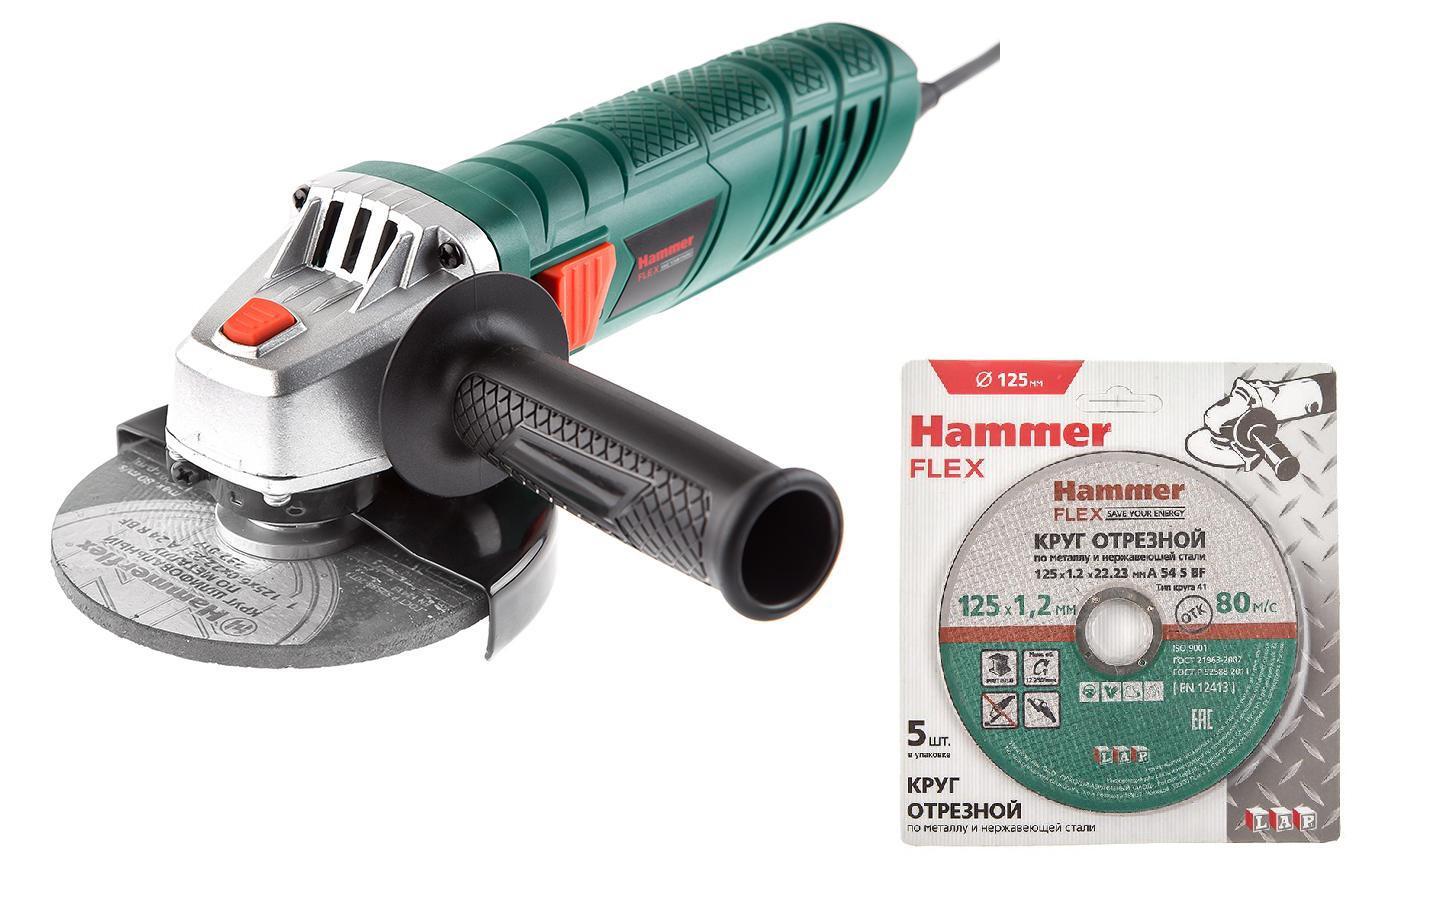 Купить Набор Hammer УШМ usm710d + Круг отрезной hammer flex 232-032 skin 5 шт 125 x 1.2 x 22,